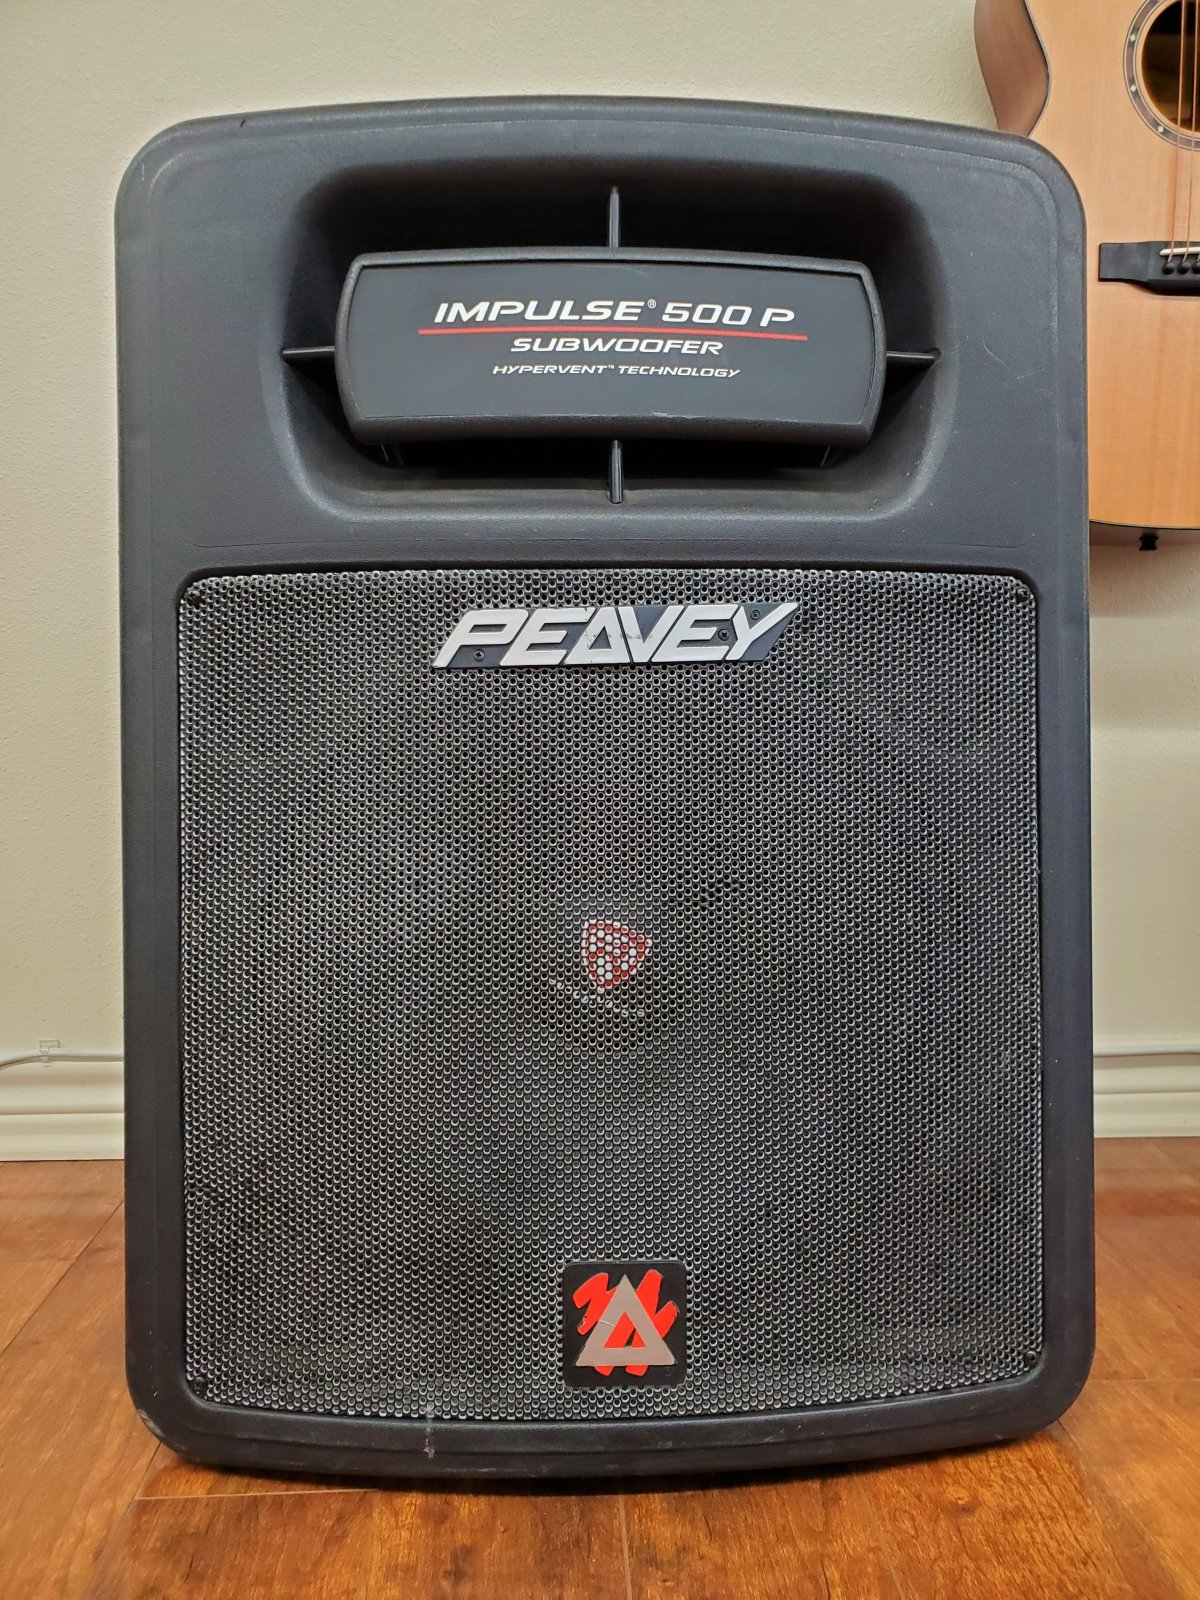 Used Peavey Impulse 500P Sub